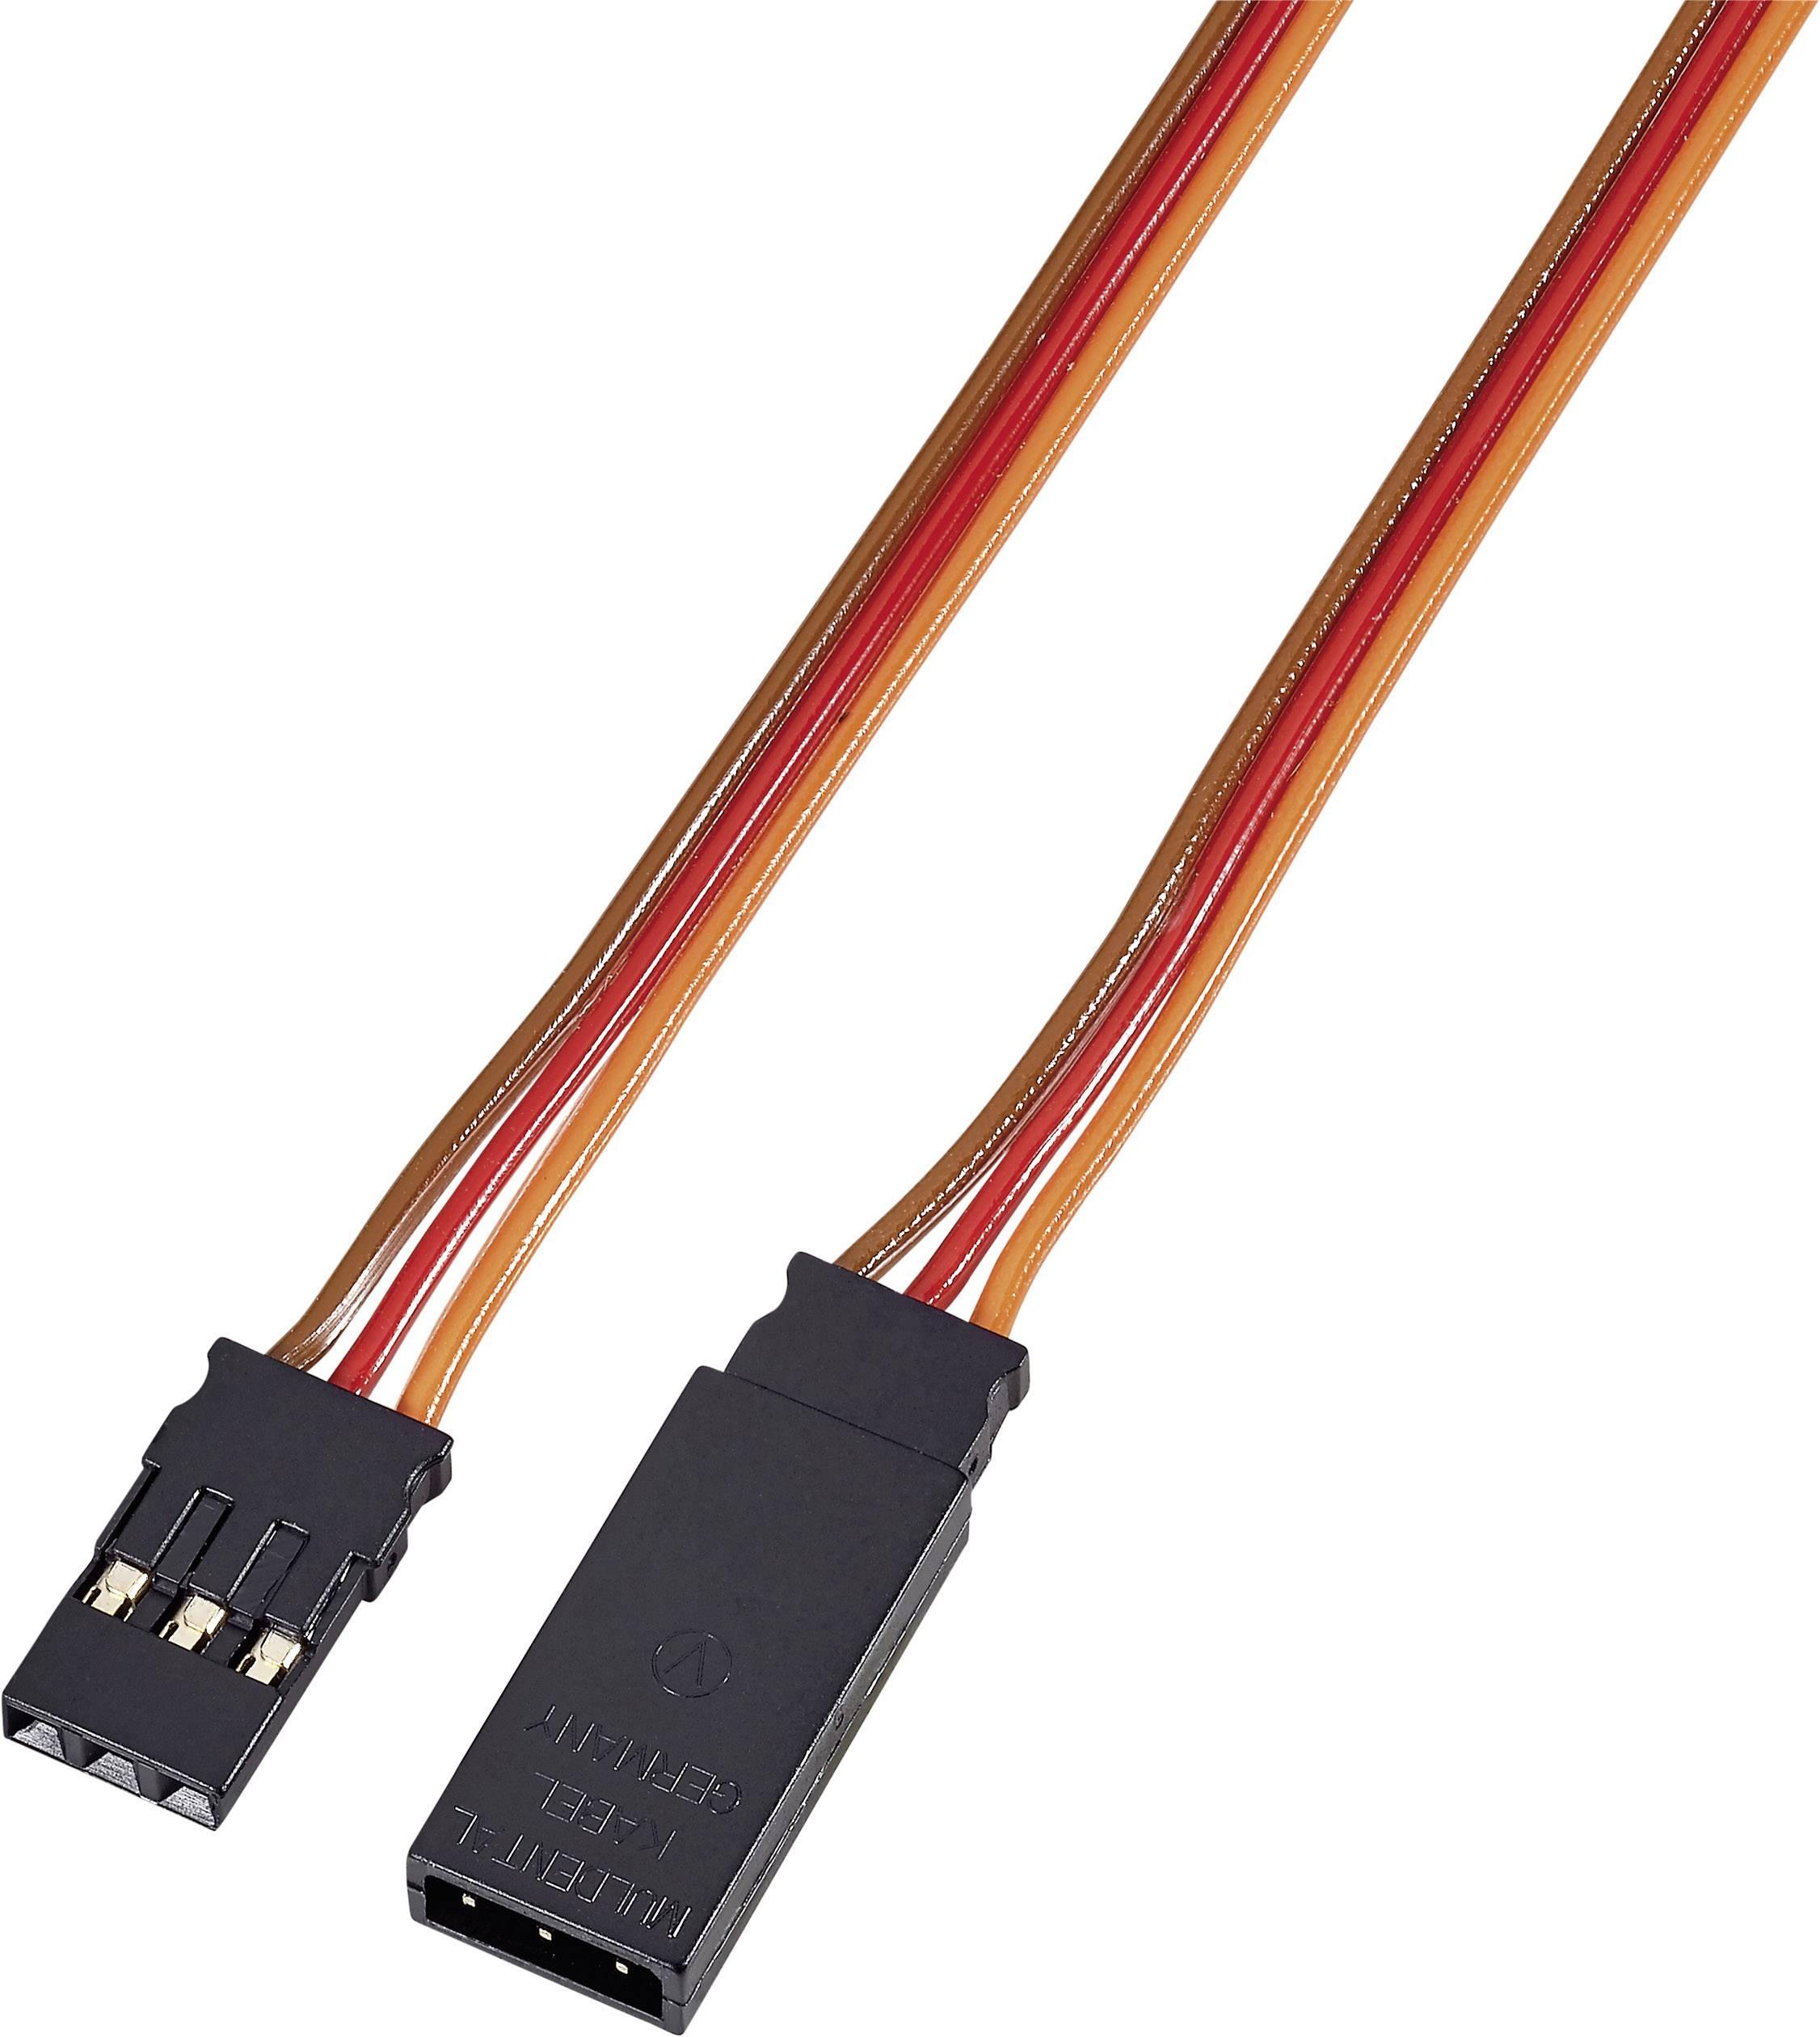 Prodlužovací kabel Modelcraft, konektor JR, 100 cm